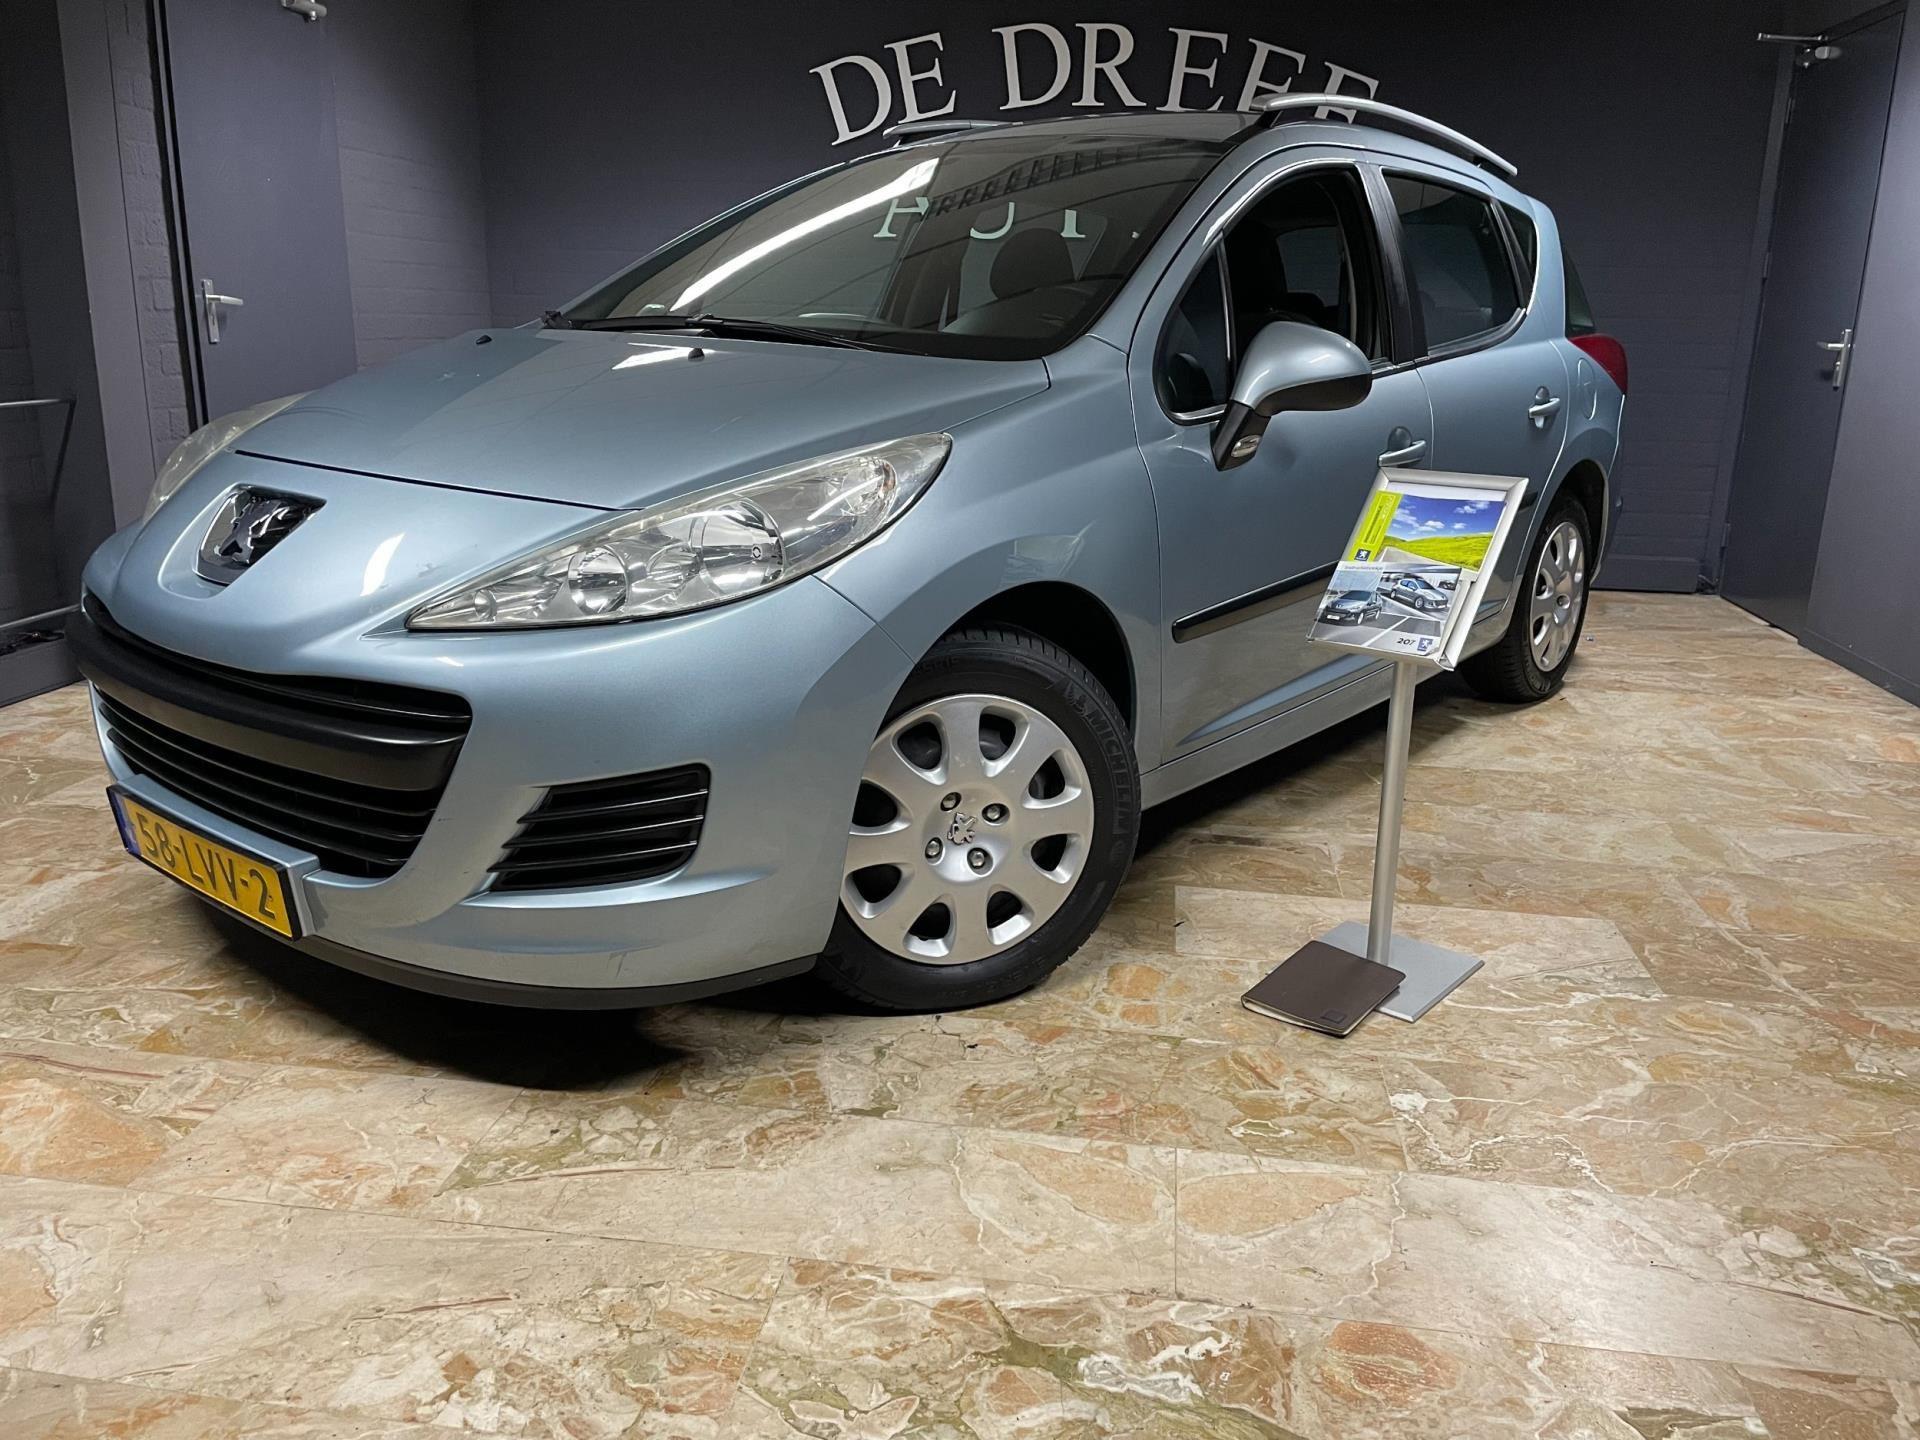 Peugeot 207 SW occasion - De Dreef Auto's